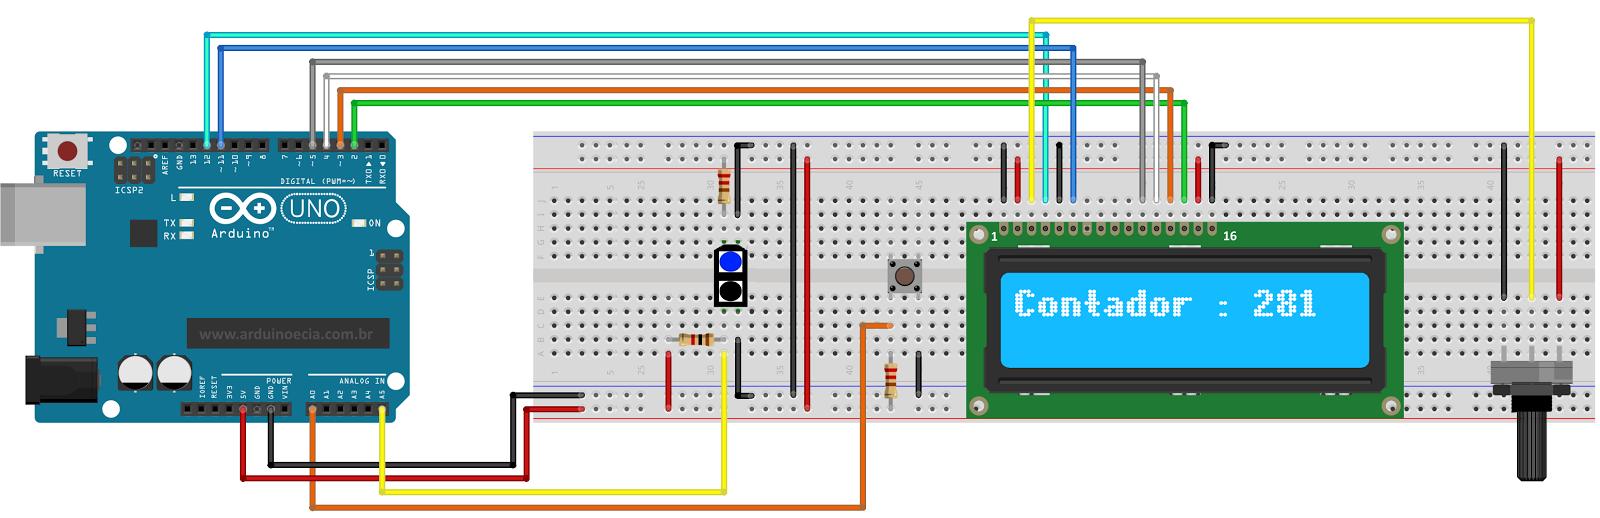 contador lcd 16x2 com botão de reset